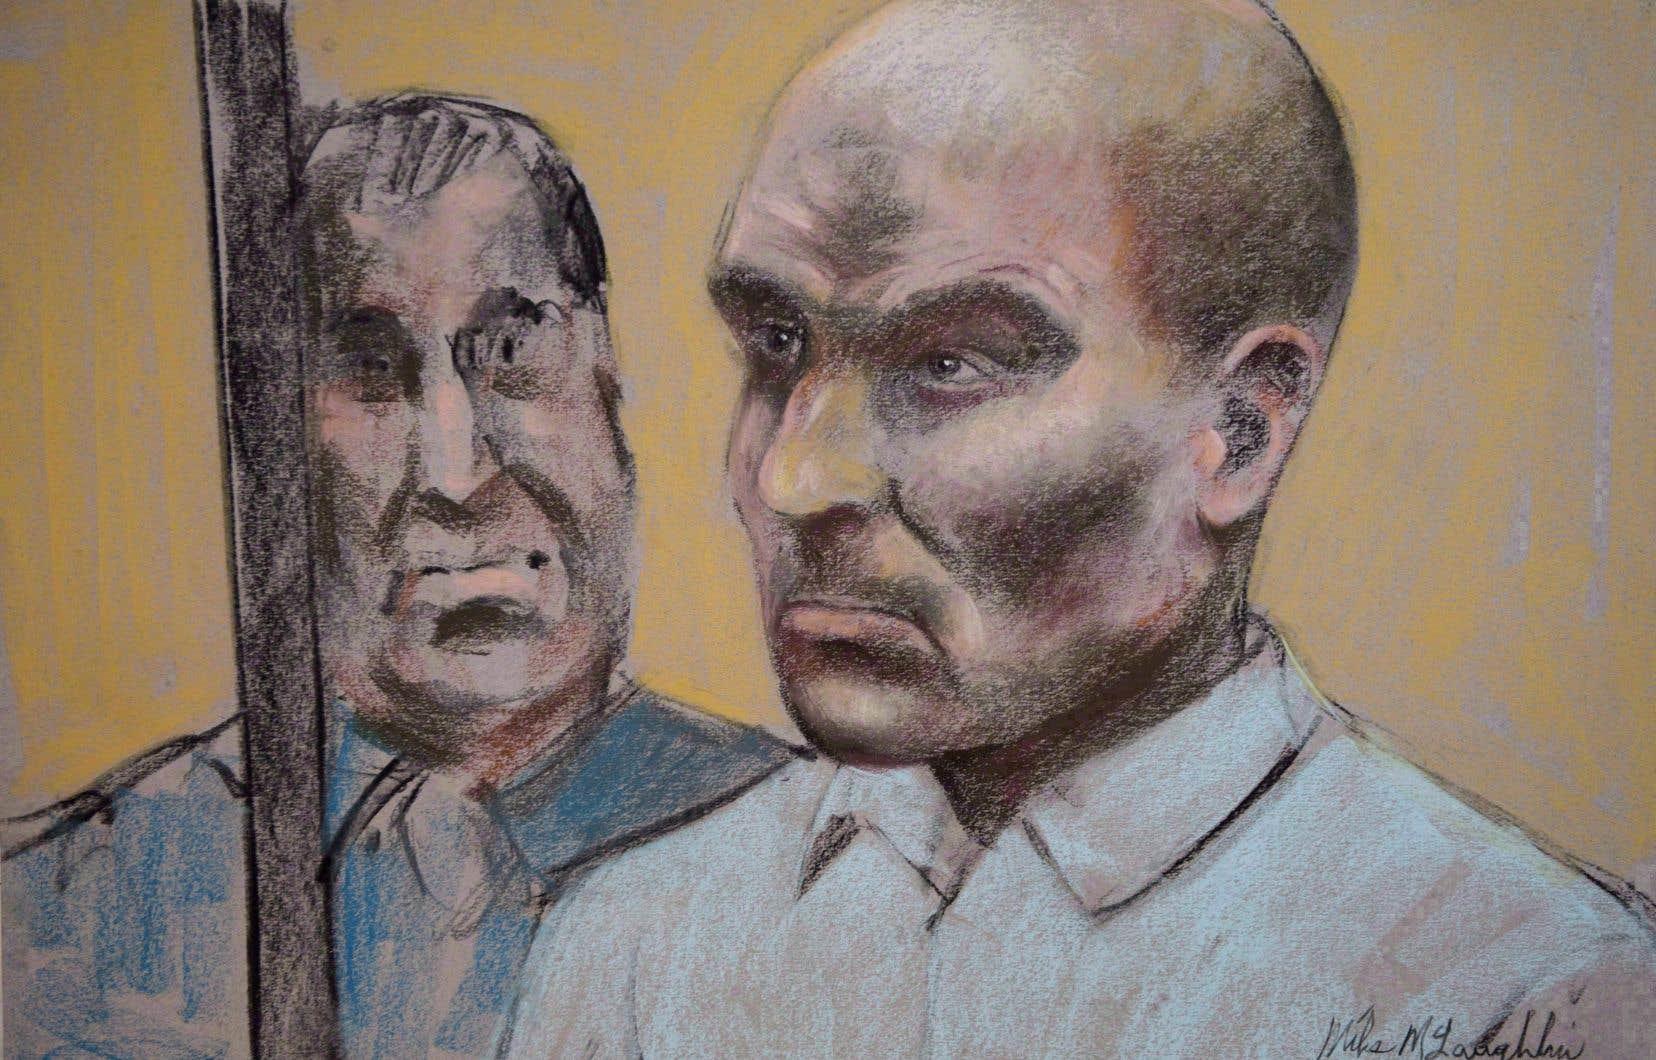 <p>Le ministère public suggère notamment l'annulation de la condamnation de Bertrand Charest sur un chef d'agression sexuelle lors d'un voyage avec une plaignante en Nouvelle-Zélande.</p>